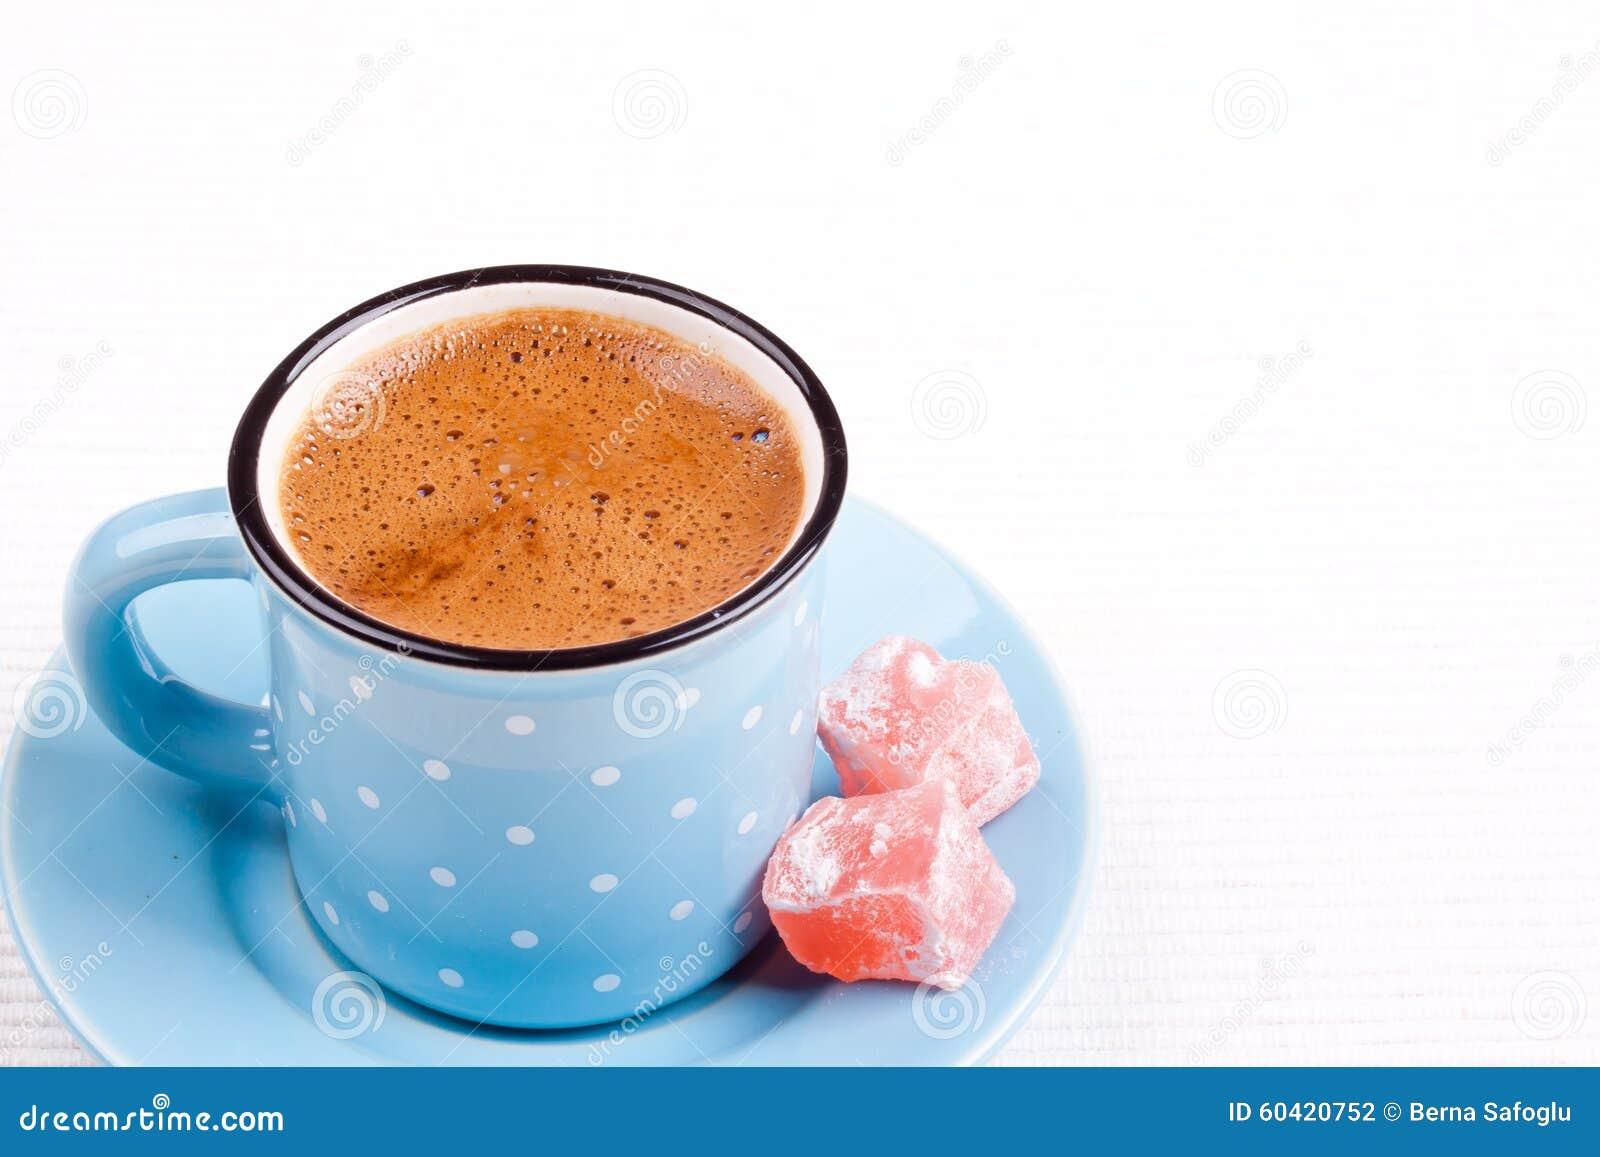 土耳其咖啡和土耳其快乐糖